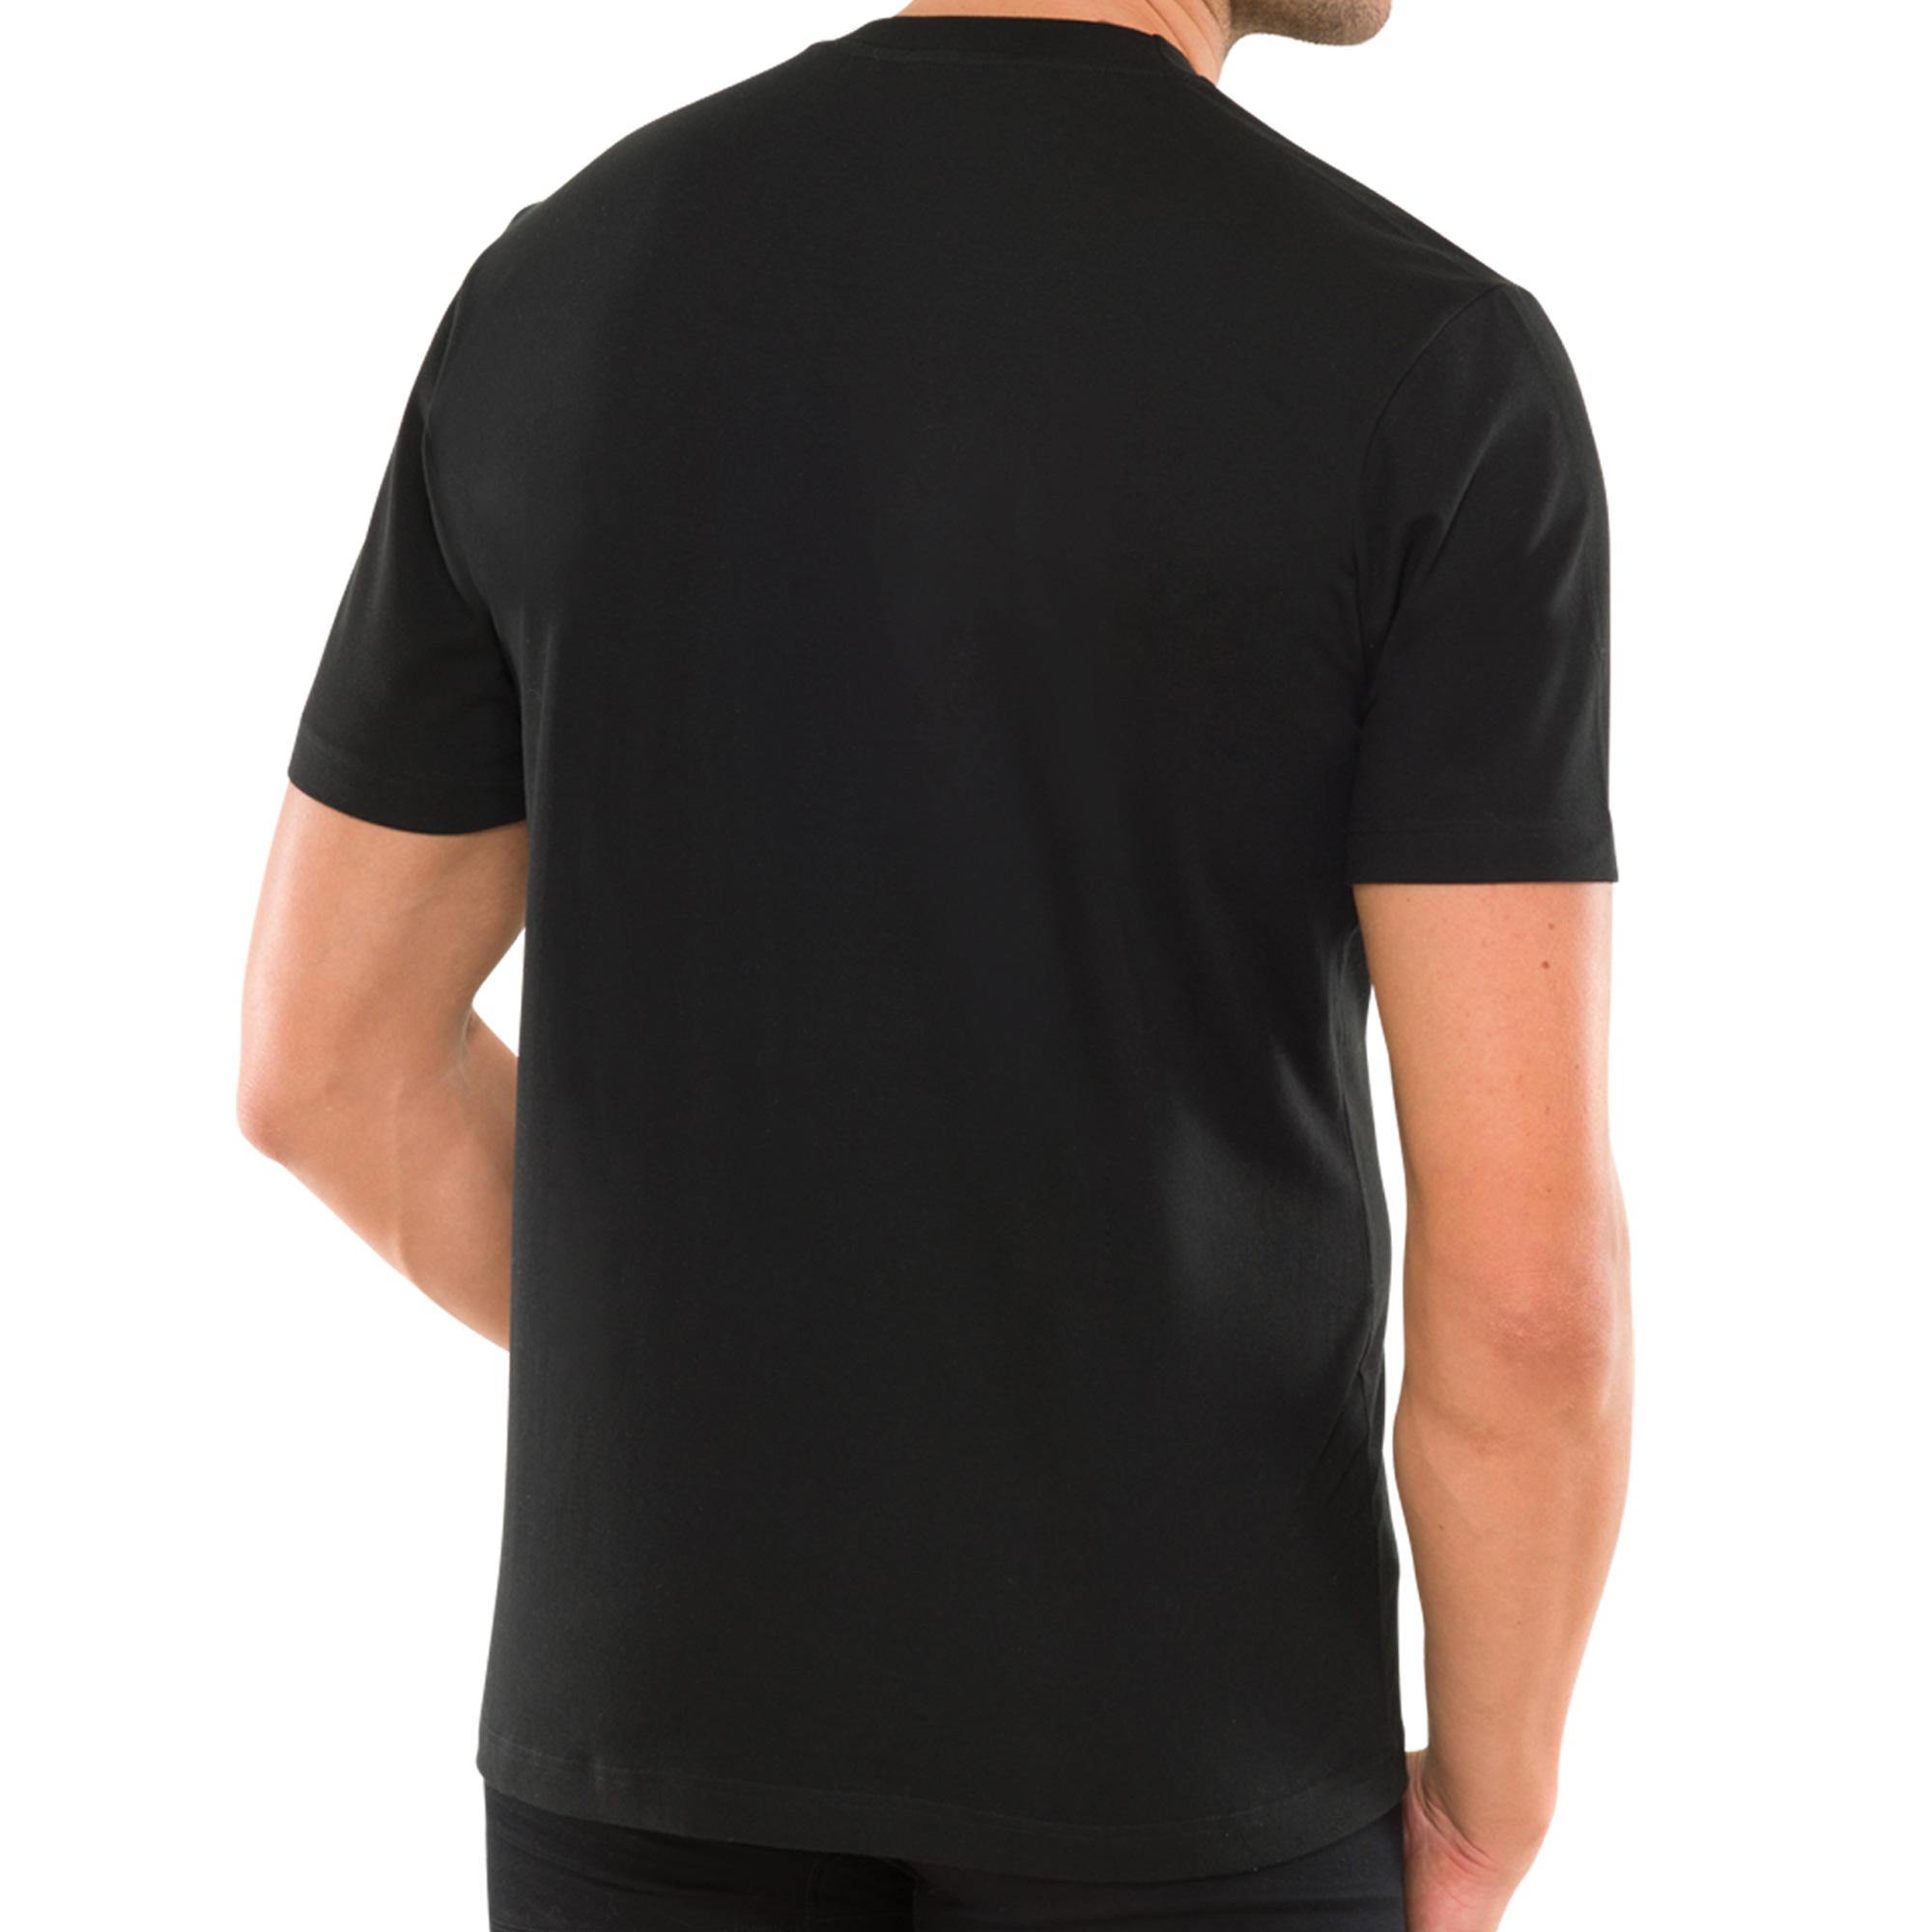 2er Pack Schiesser Herren American T- Shirts mit Rundhals, 100% Baumwolle, Neu – Bild 6